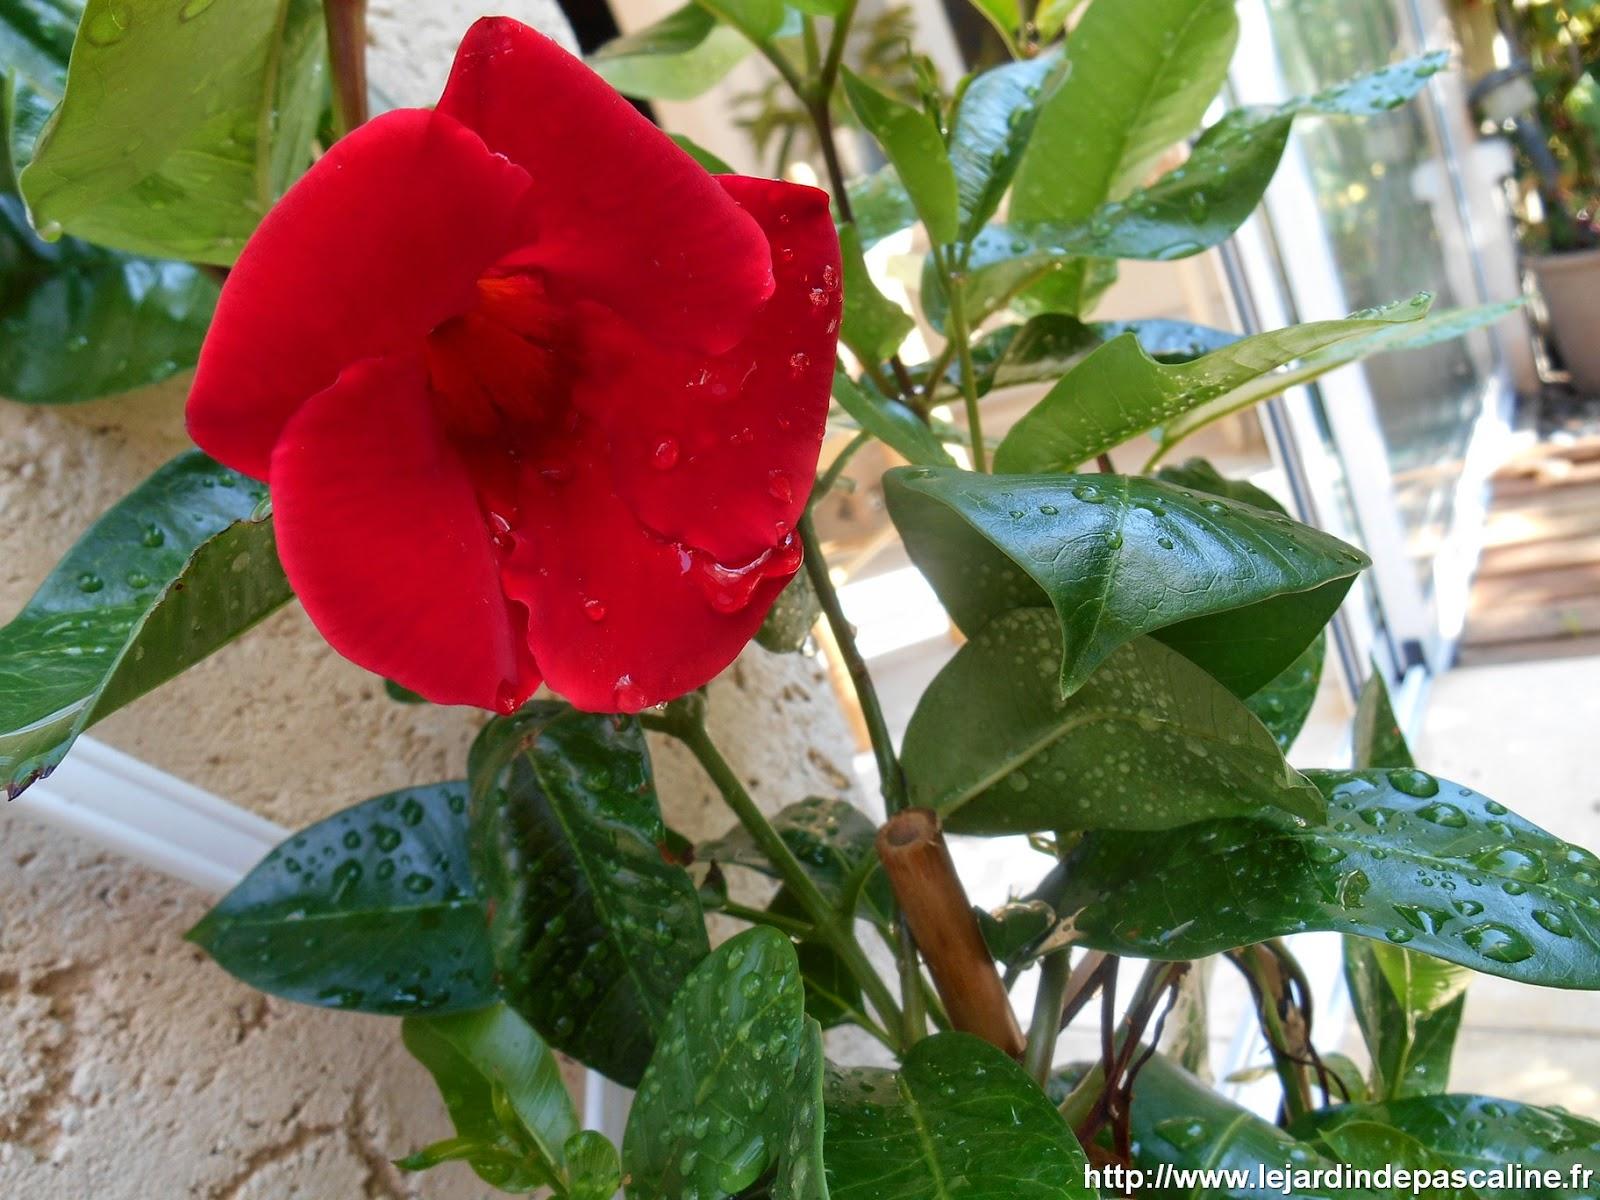 LE JARDIN DE PASCALINE: Sundaville encore en fleur en octobre !!!